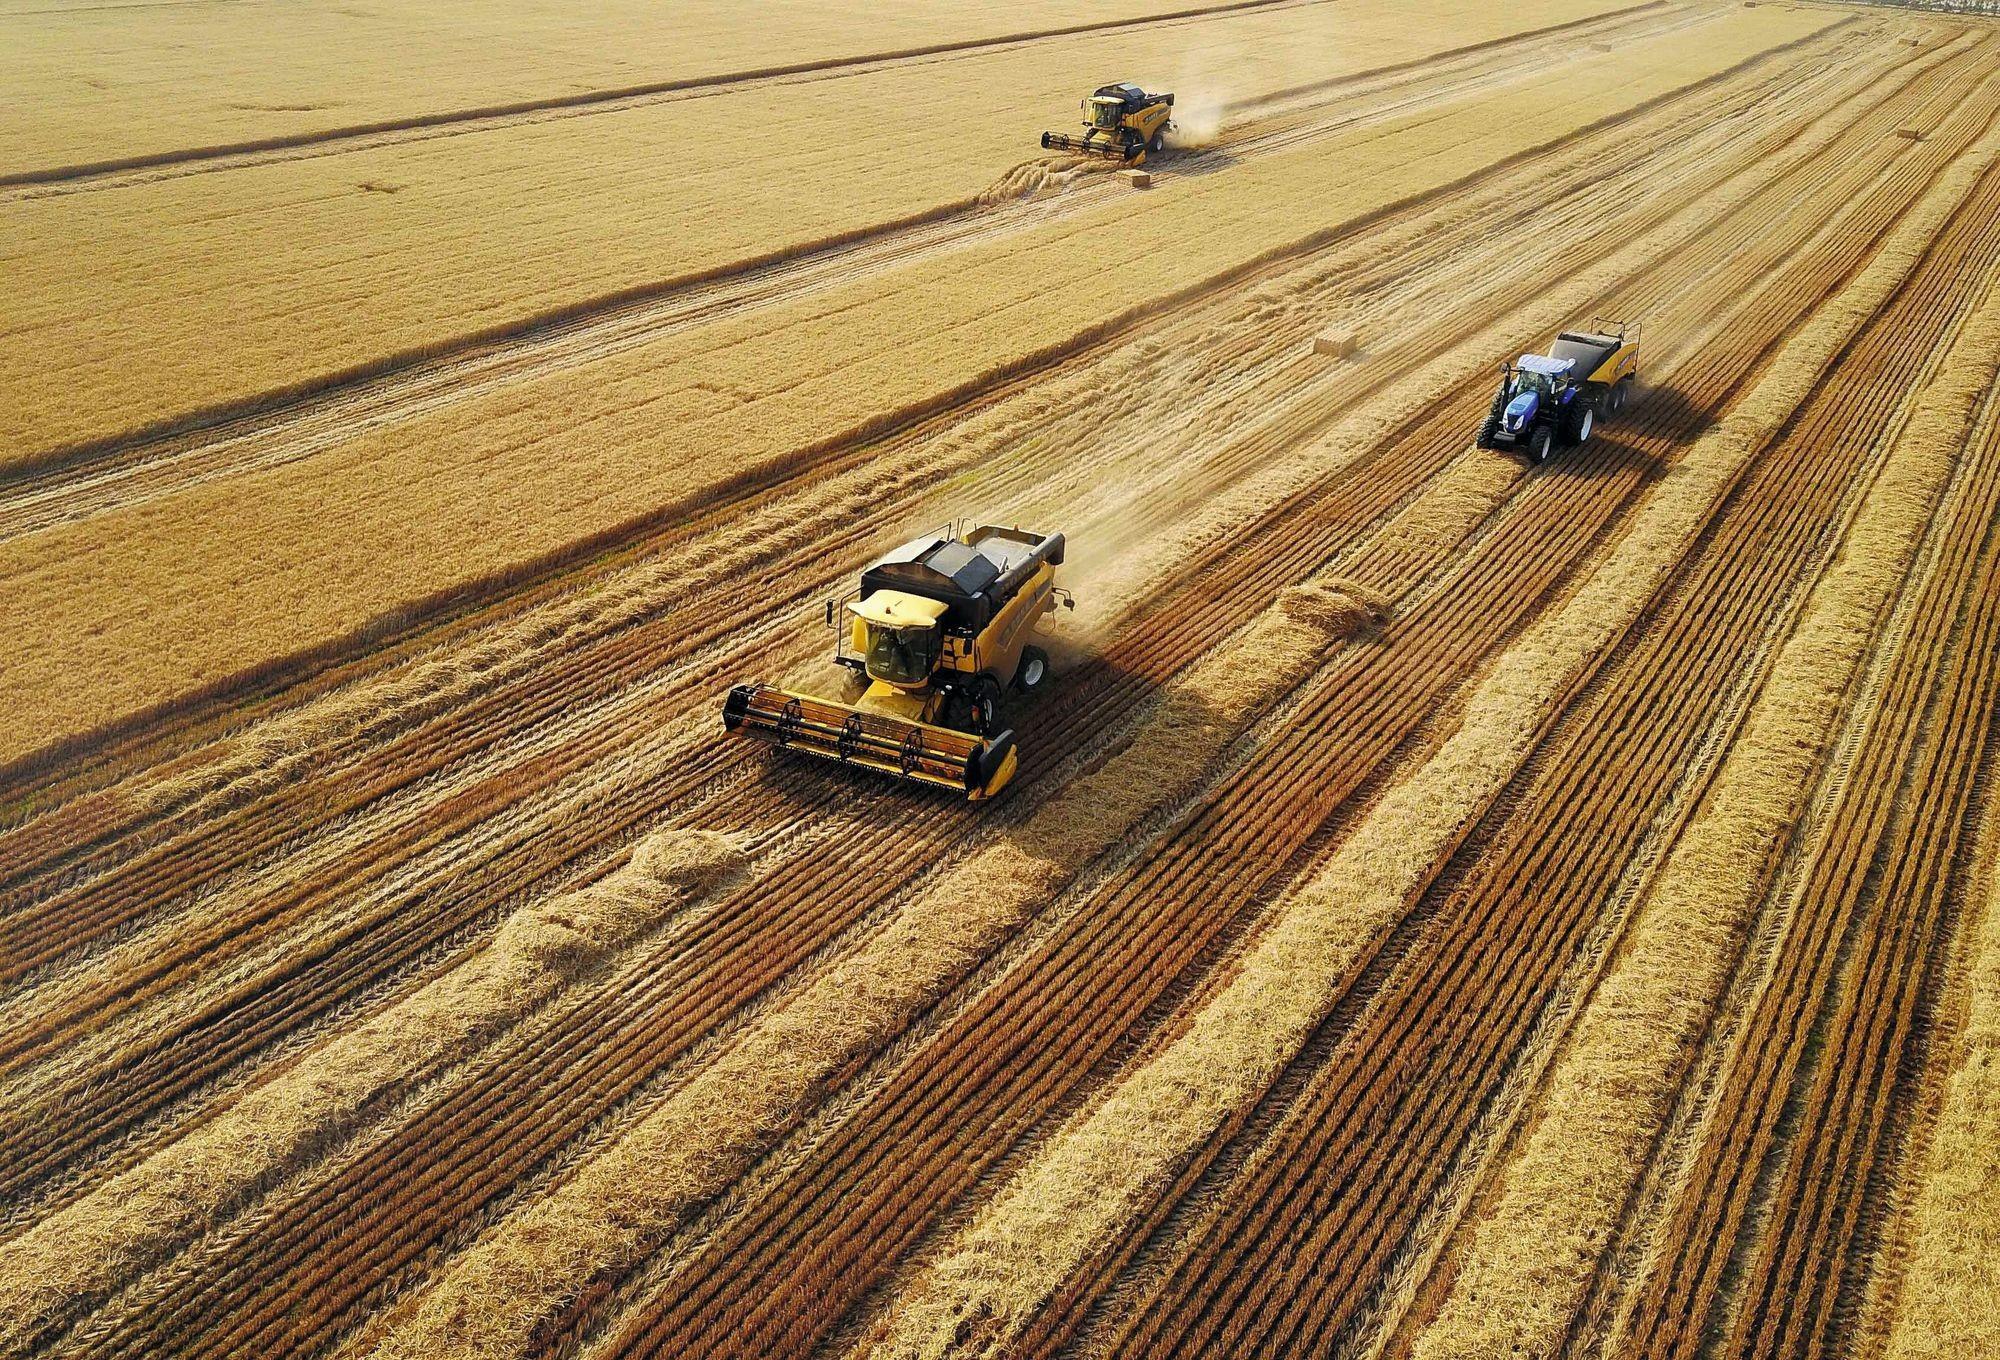 récolte de blé dans le Henan